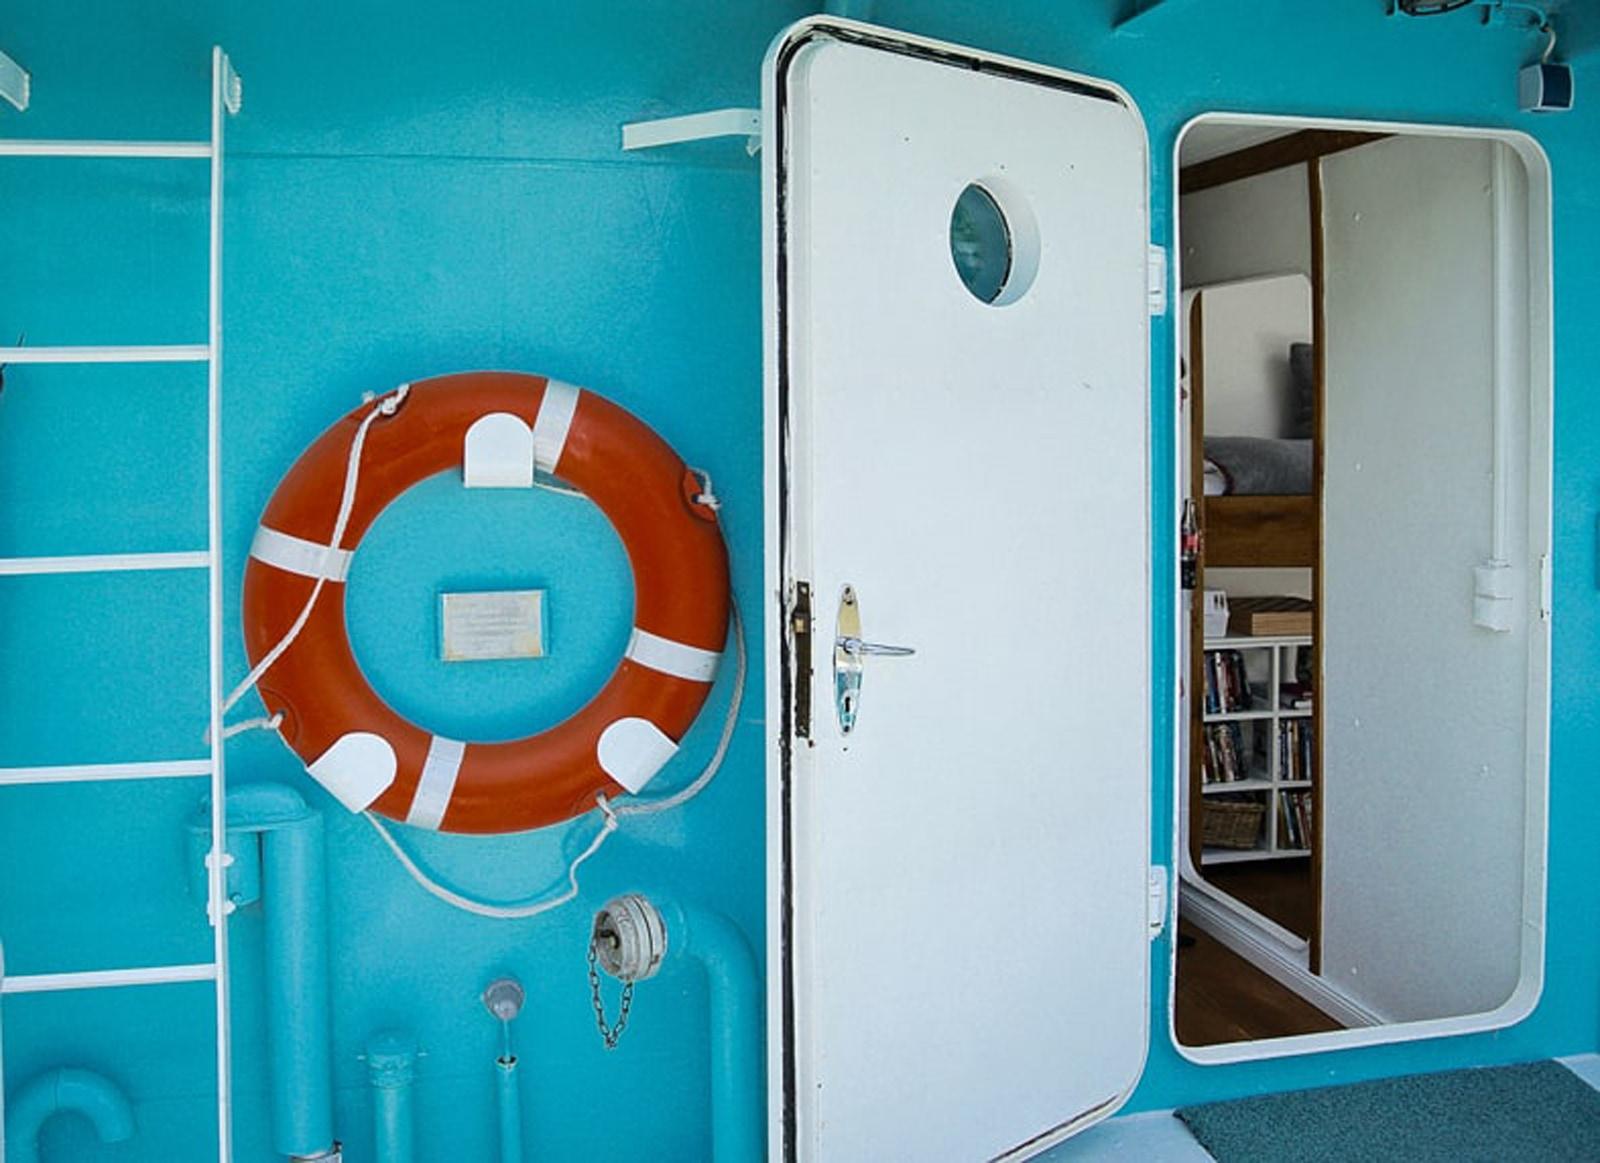 zementfliesen-bad©hausbootferien-elbe-viaplatten |